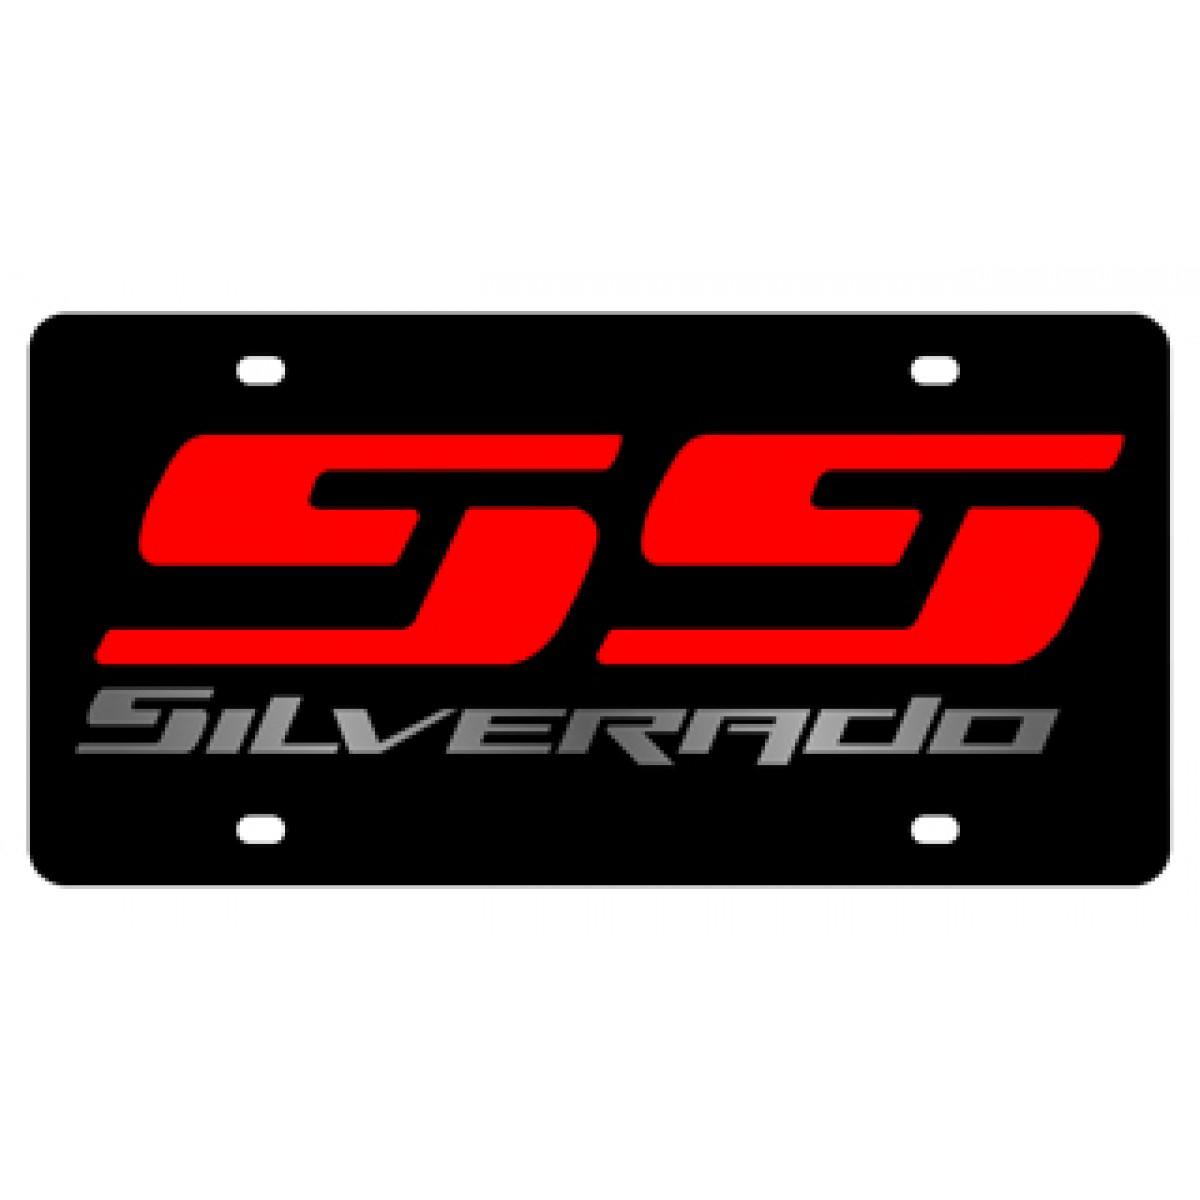 Hossrods Chevrolet Silverado Ss Lazer Style License Plate